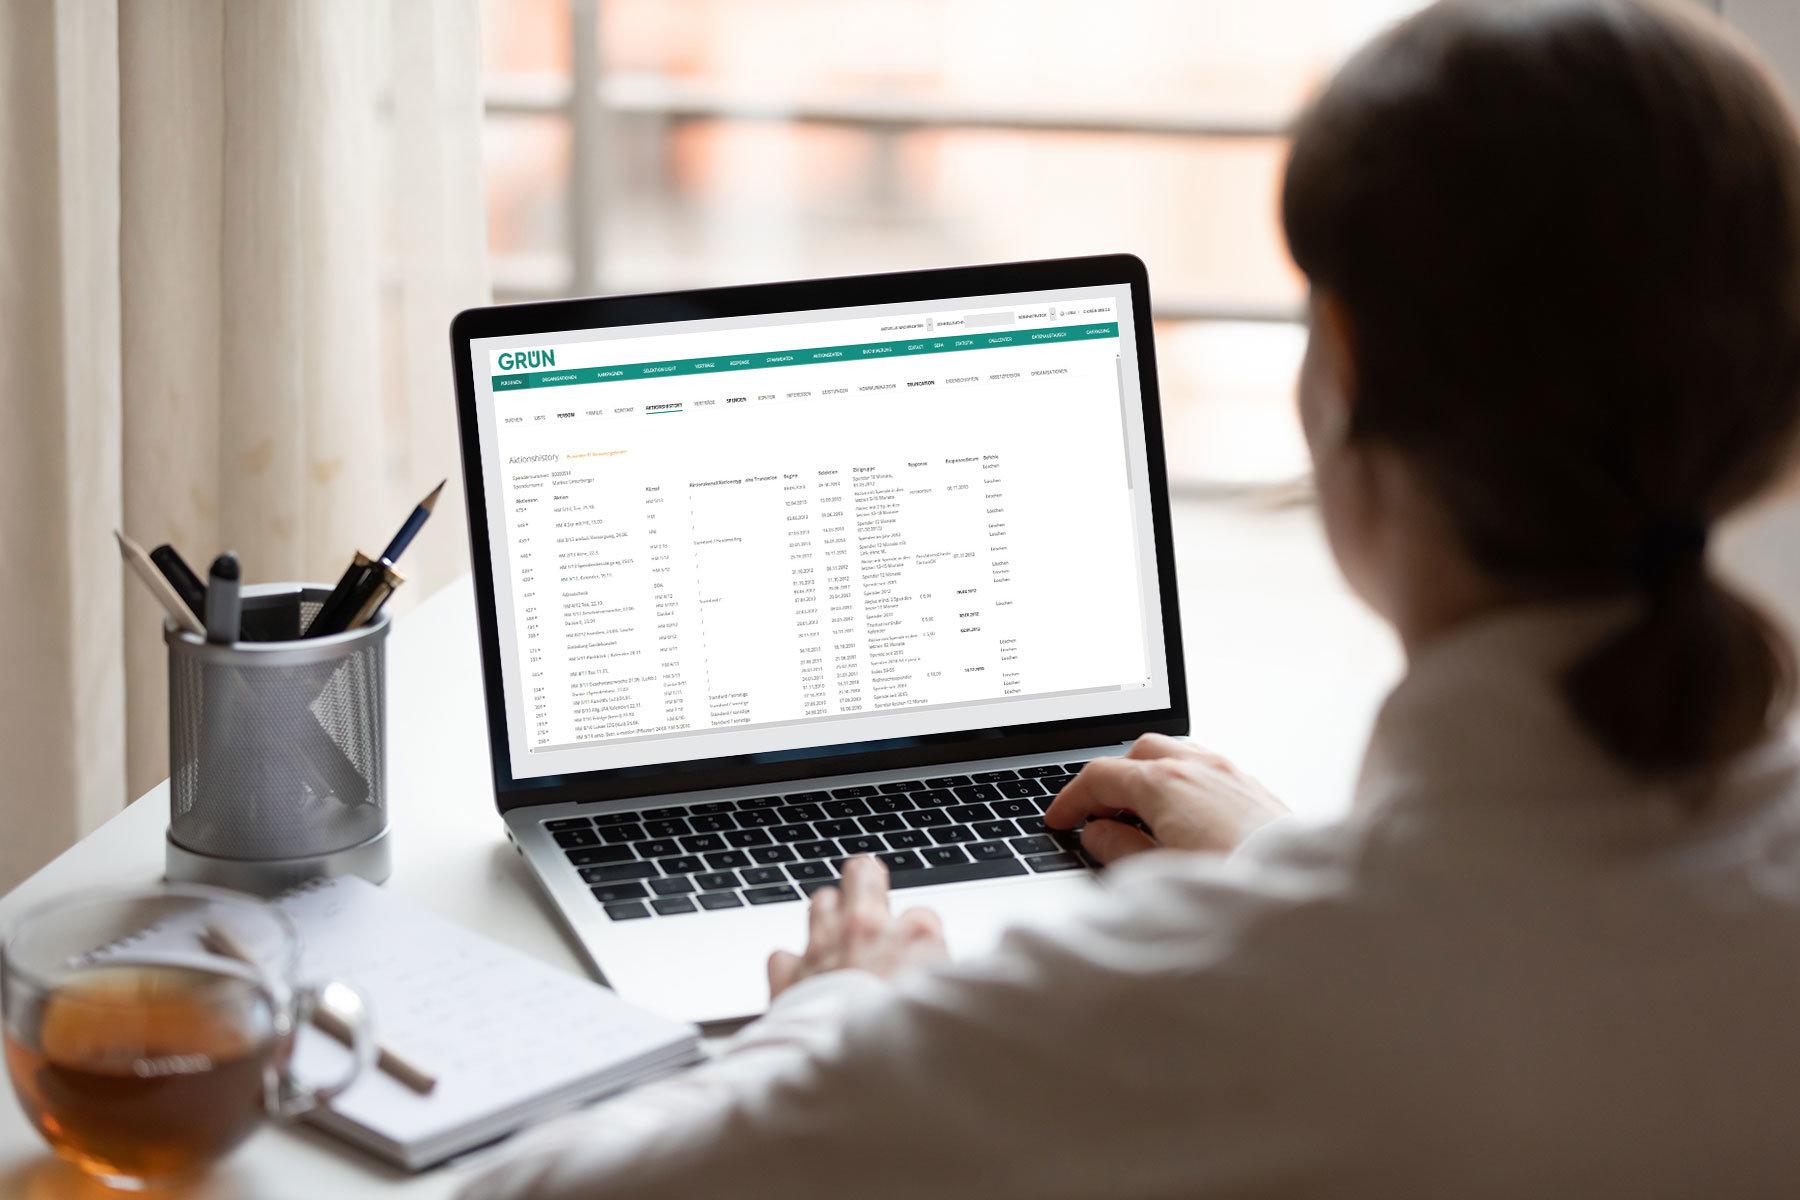 Die Intelligent-Marketing-Base (IMB) für Non-Profit-Organisationen ist eine Softwarelösung mit dem Schwerpunkt des automatisierten Kampagnenmanagements.